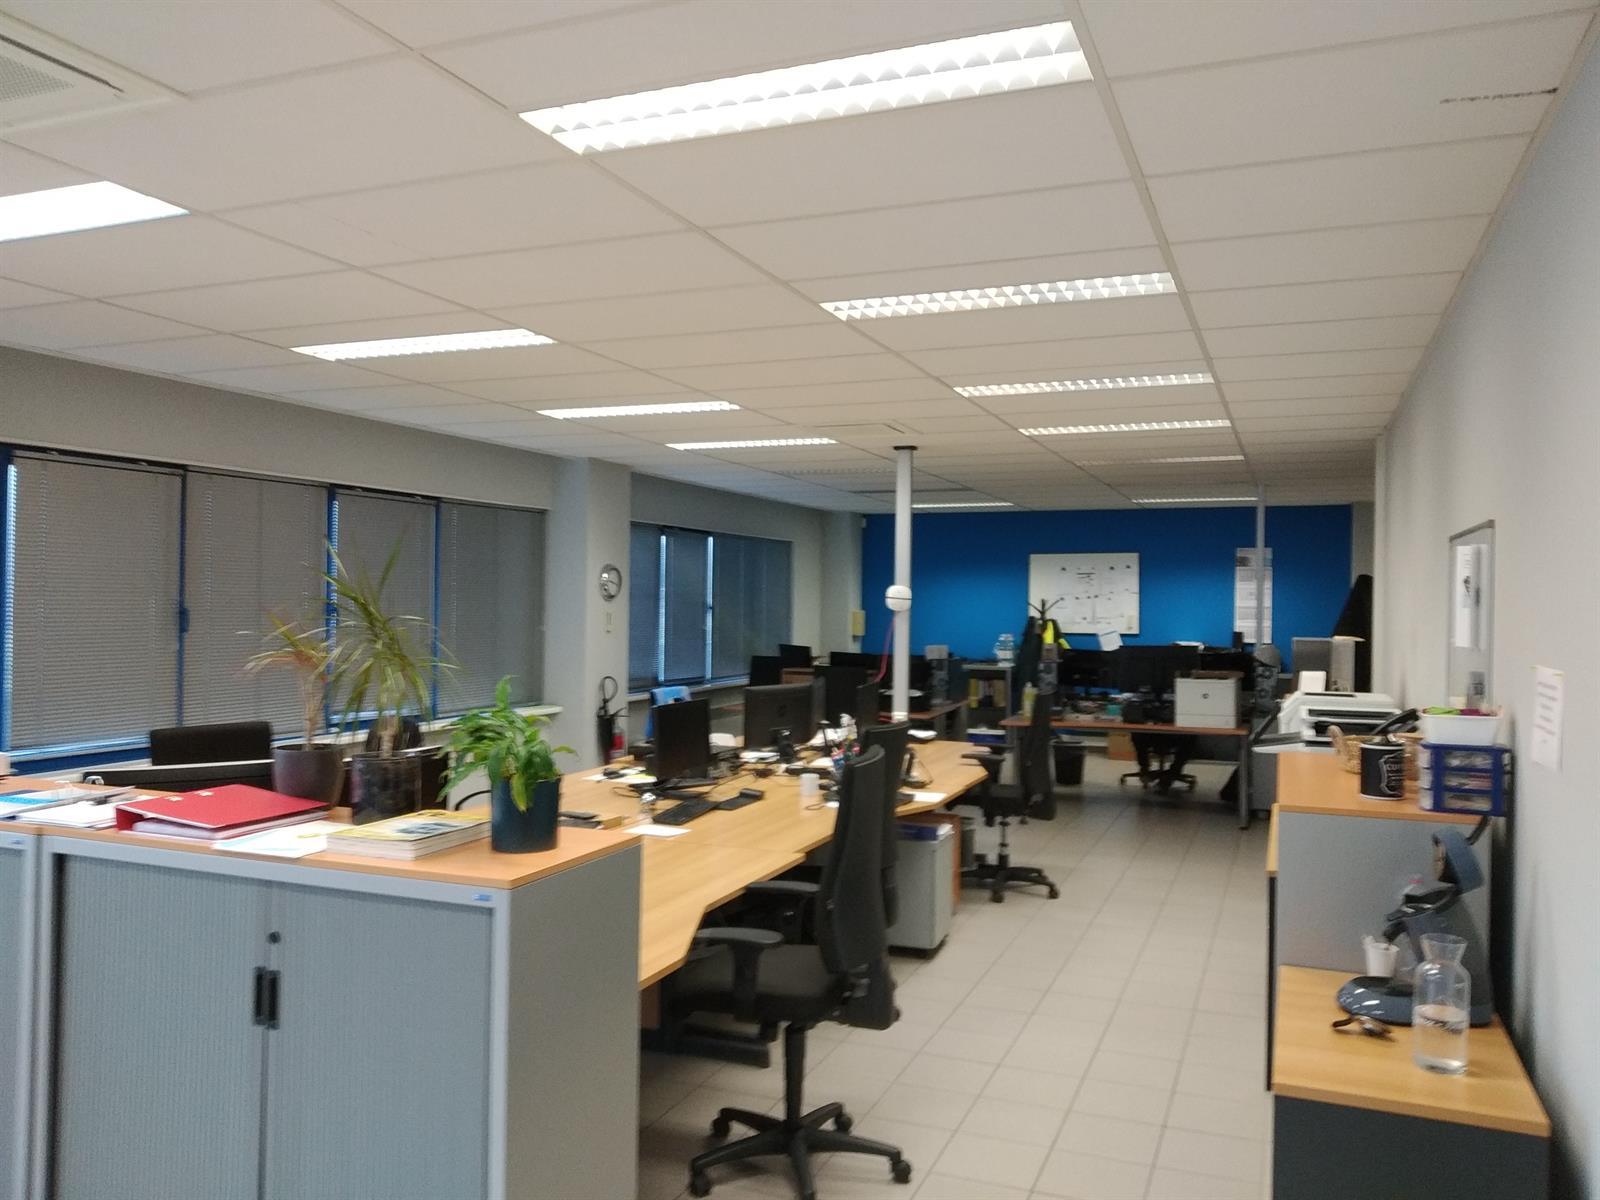 gebouw voor gemengd gebruik te huur I174 - Kruisweg 11, 2040 Antwerpen, België 7